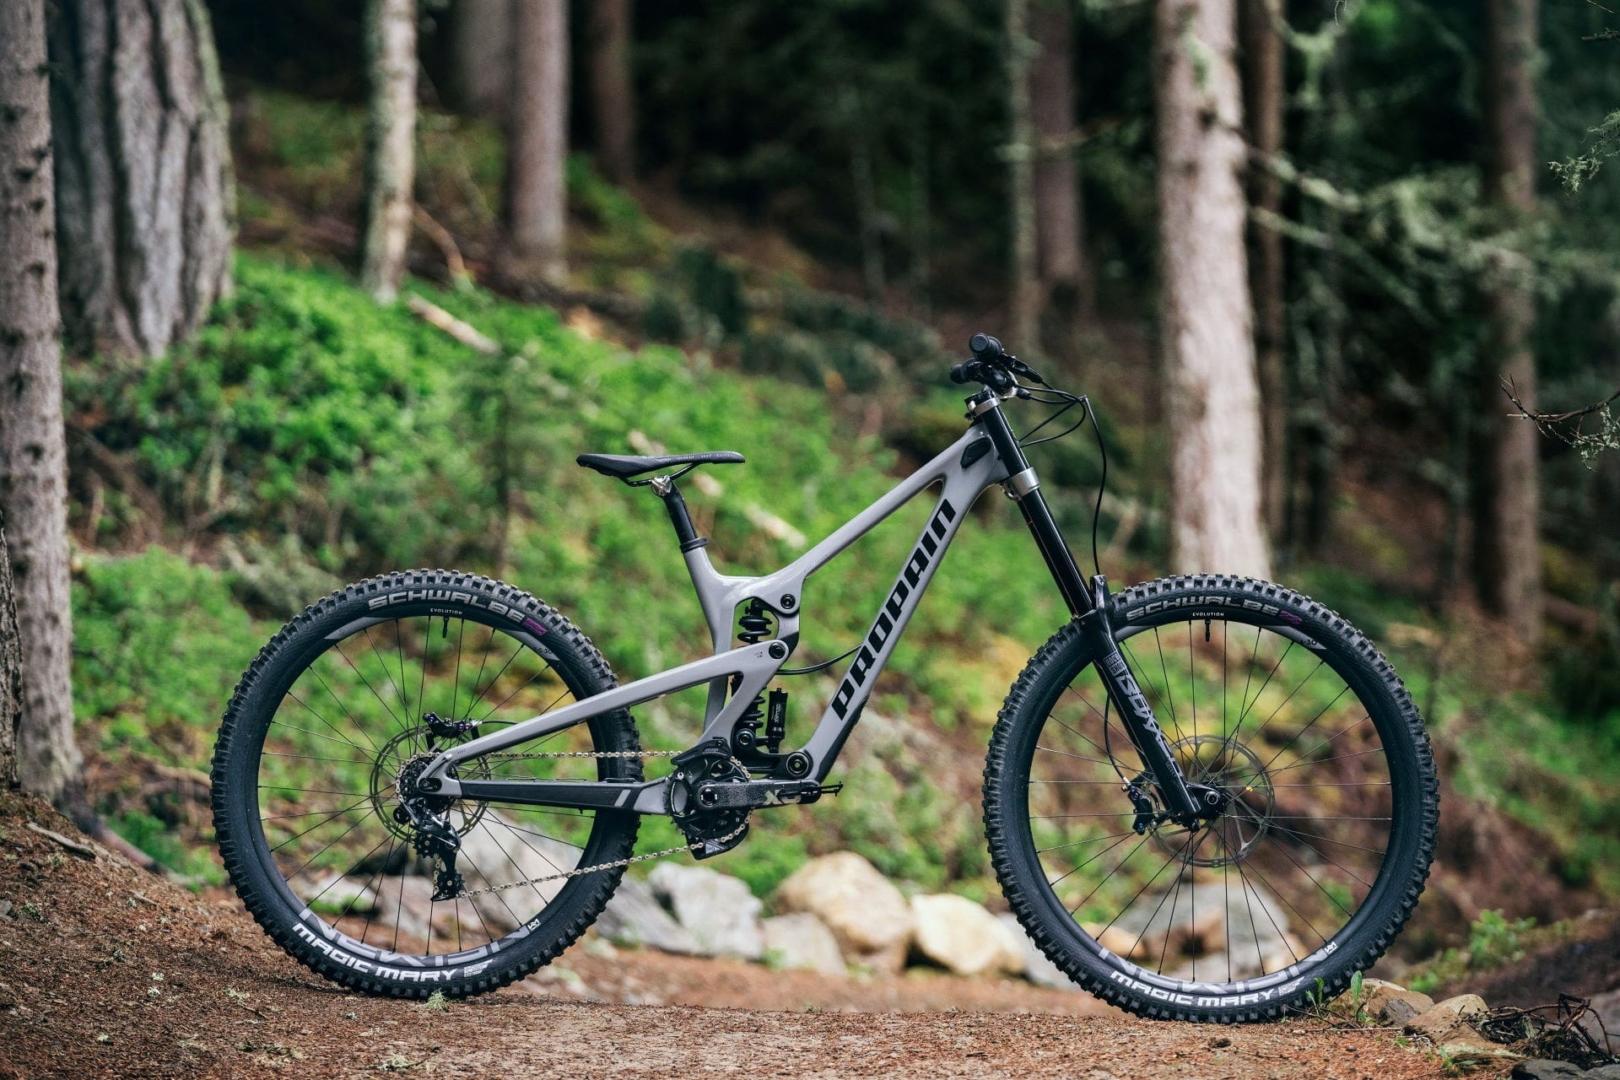 PROPAIN-Rage-CF-MY22-Schladming-Bike-Still-moongrey-dark-3800